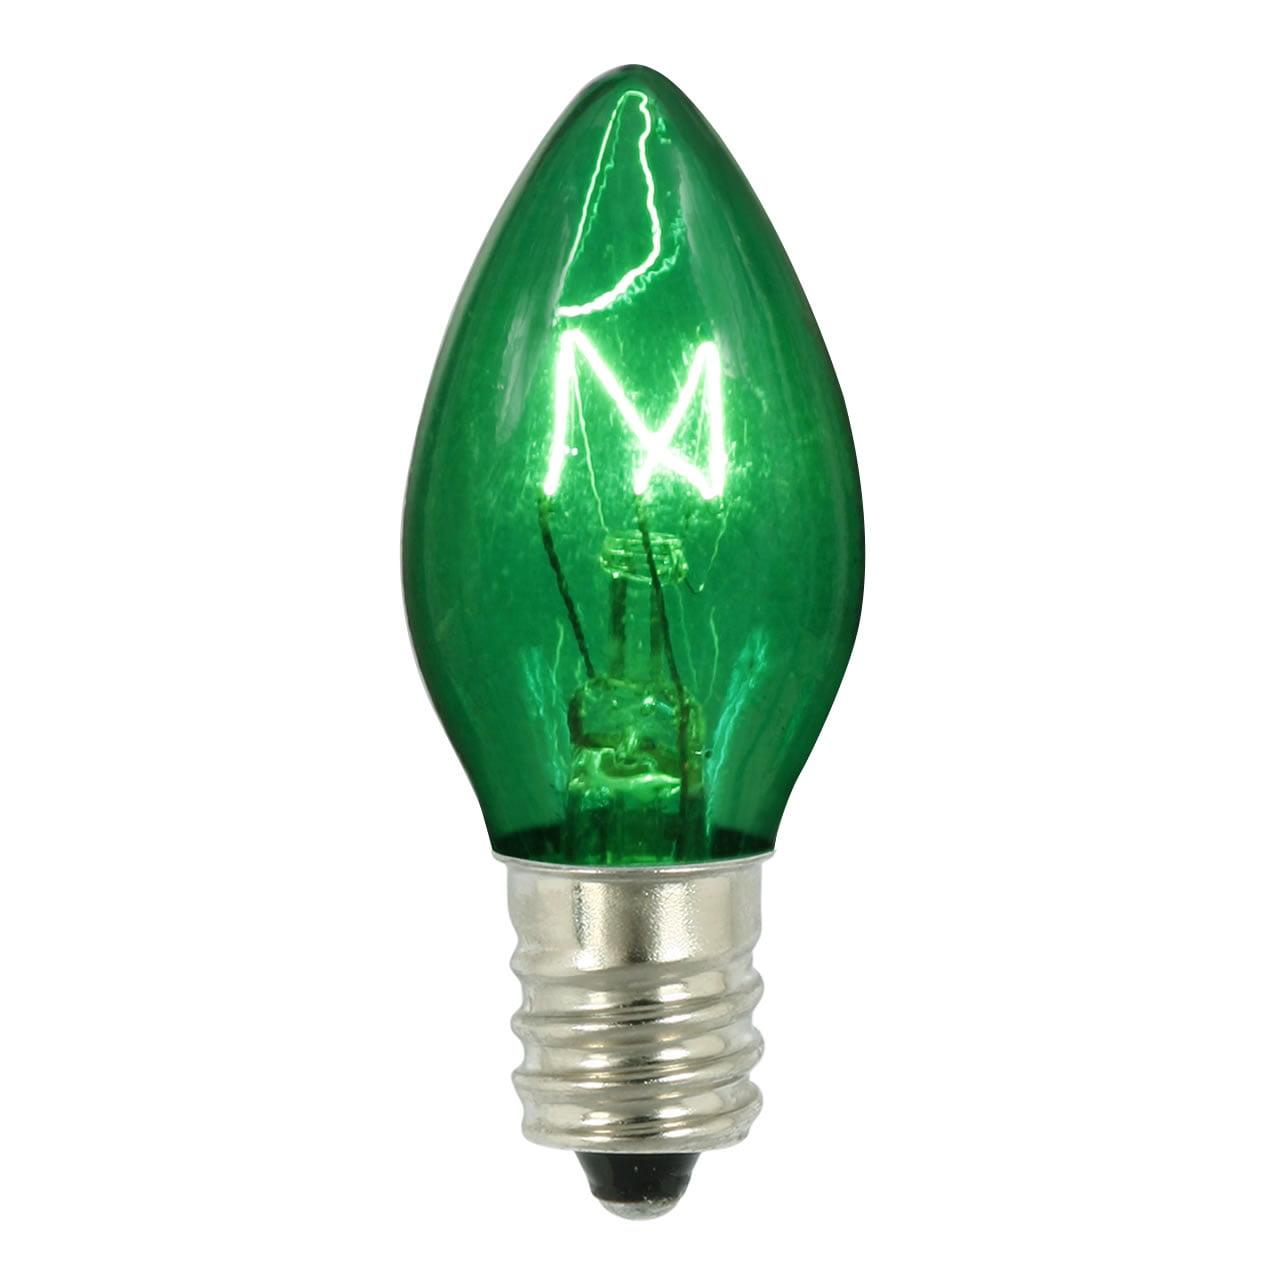 Vickerman C7 Transparent Green 130V 5W Bulb